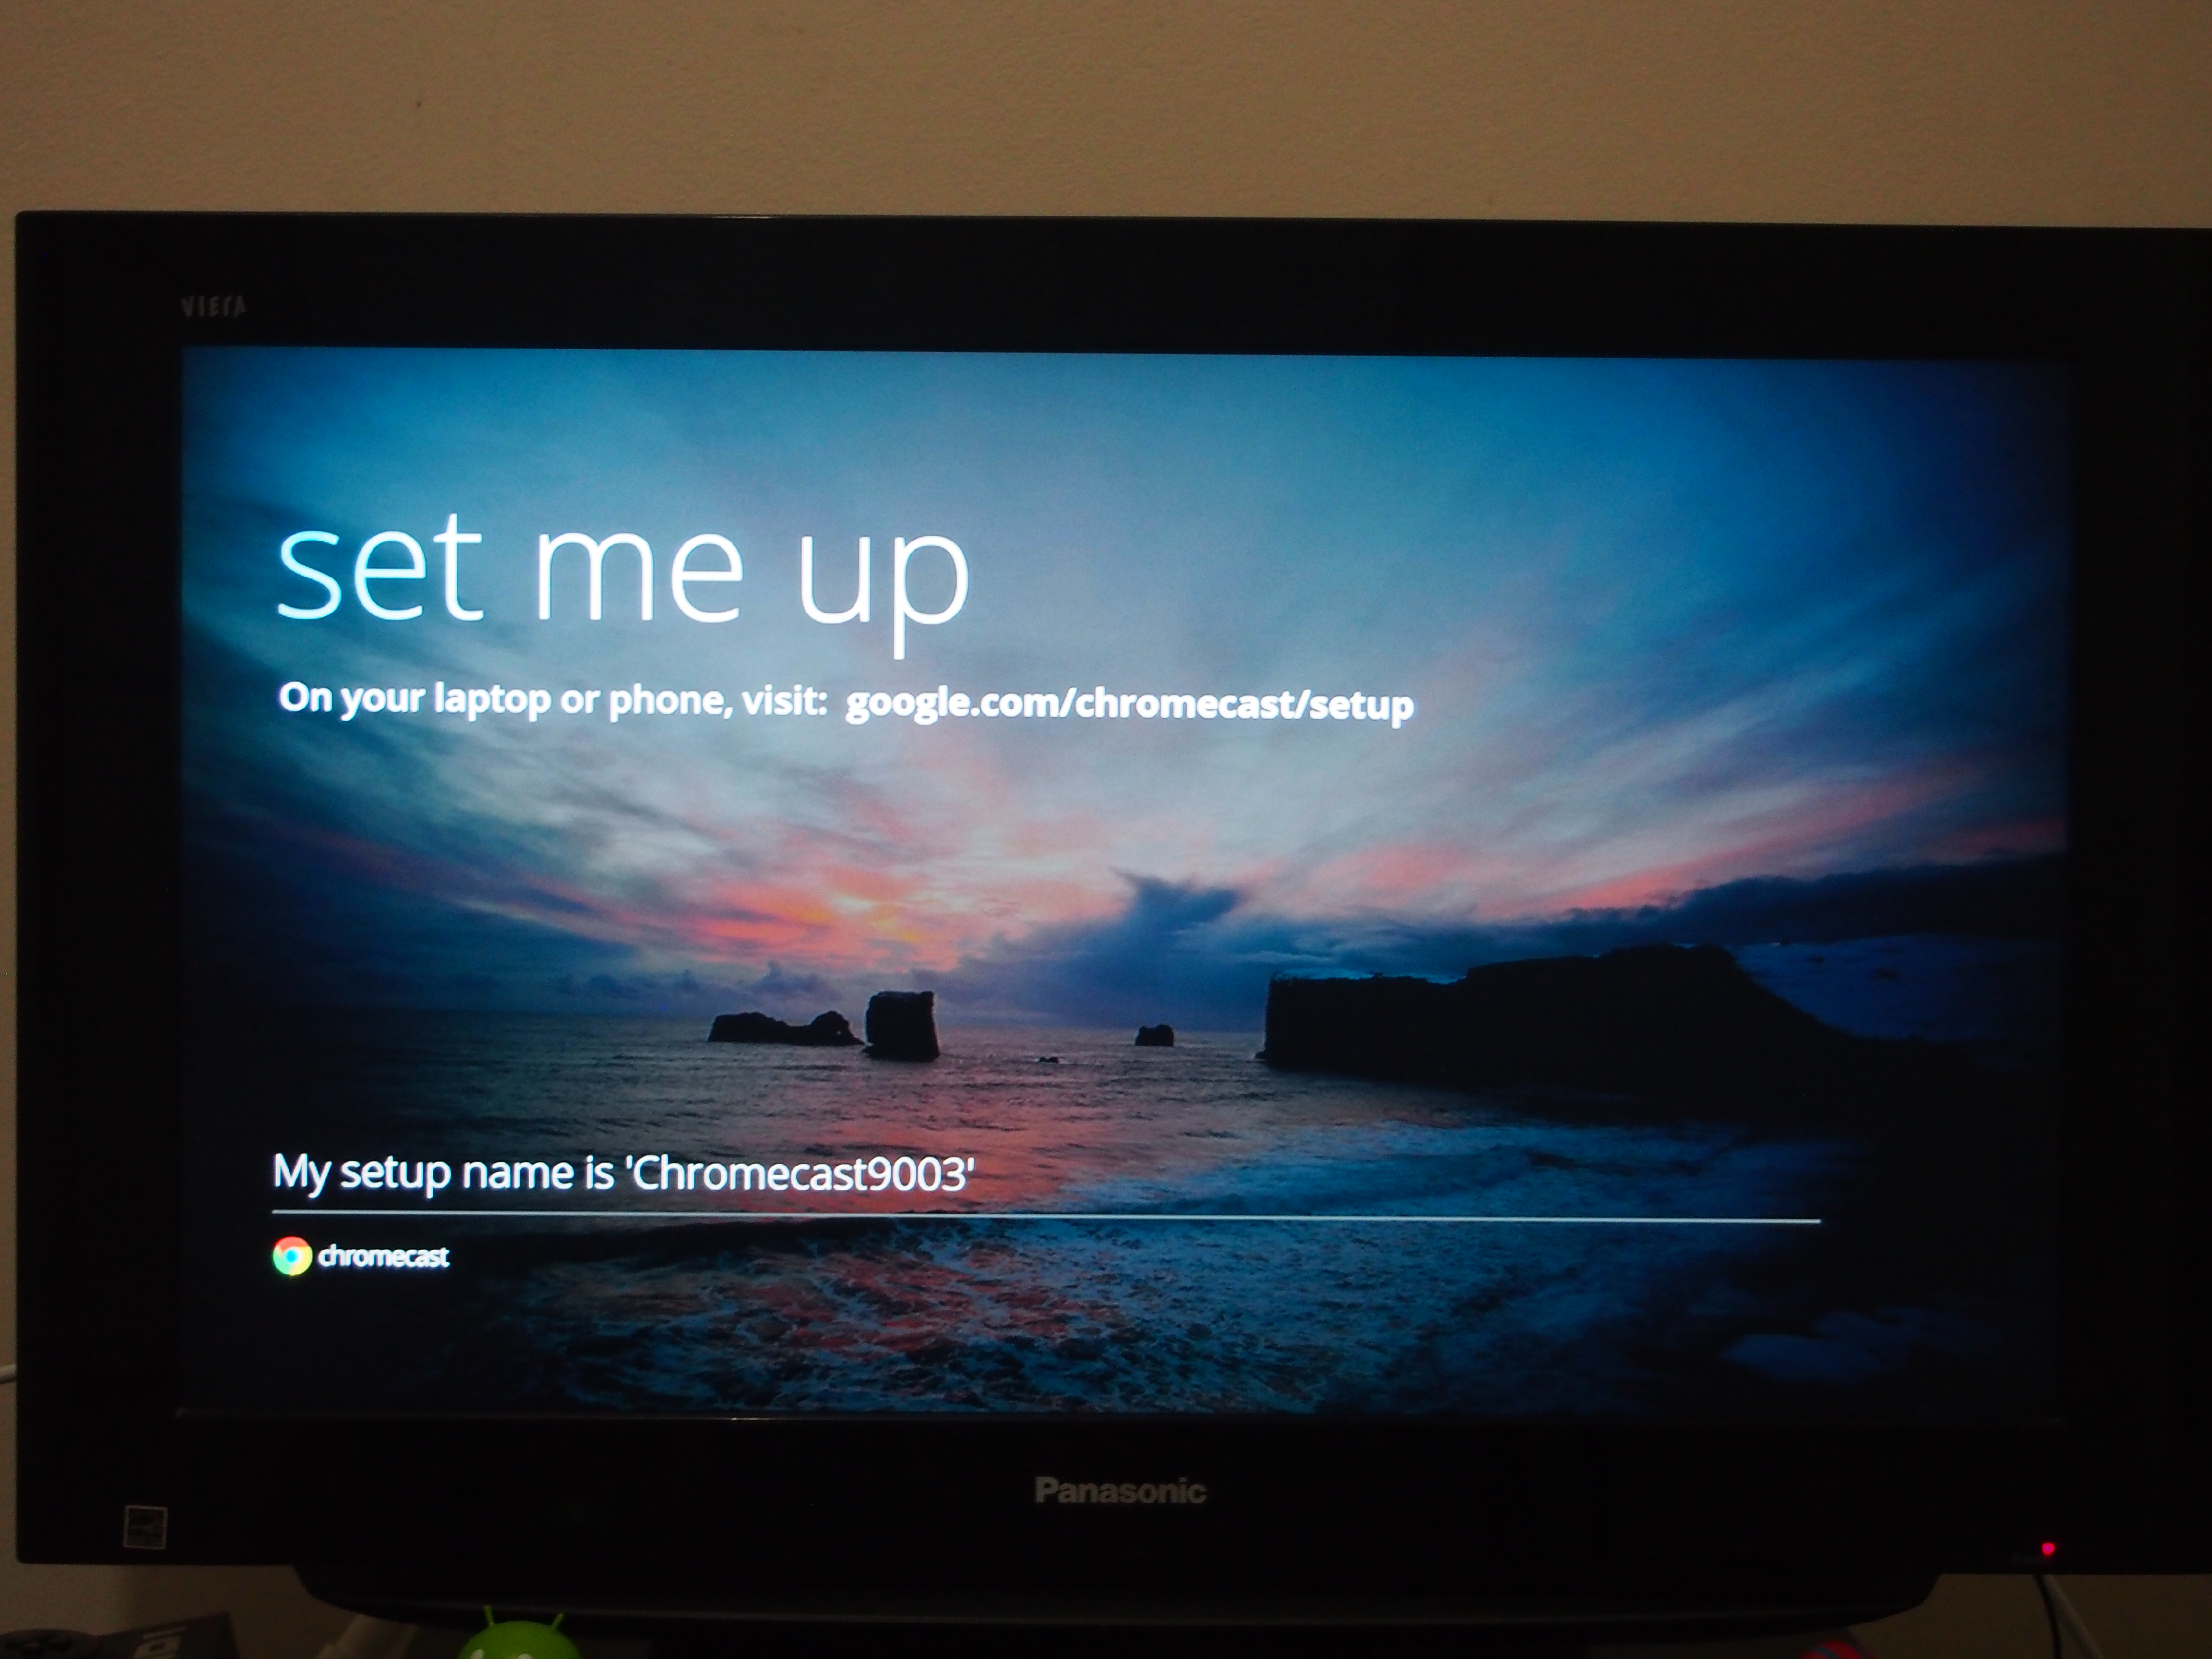 Chromecast setup TV